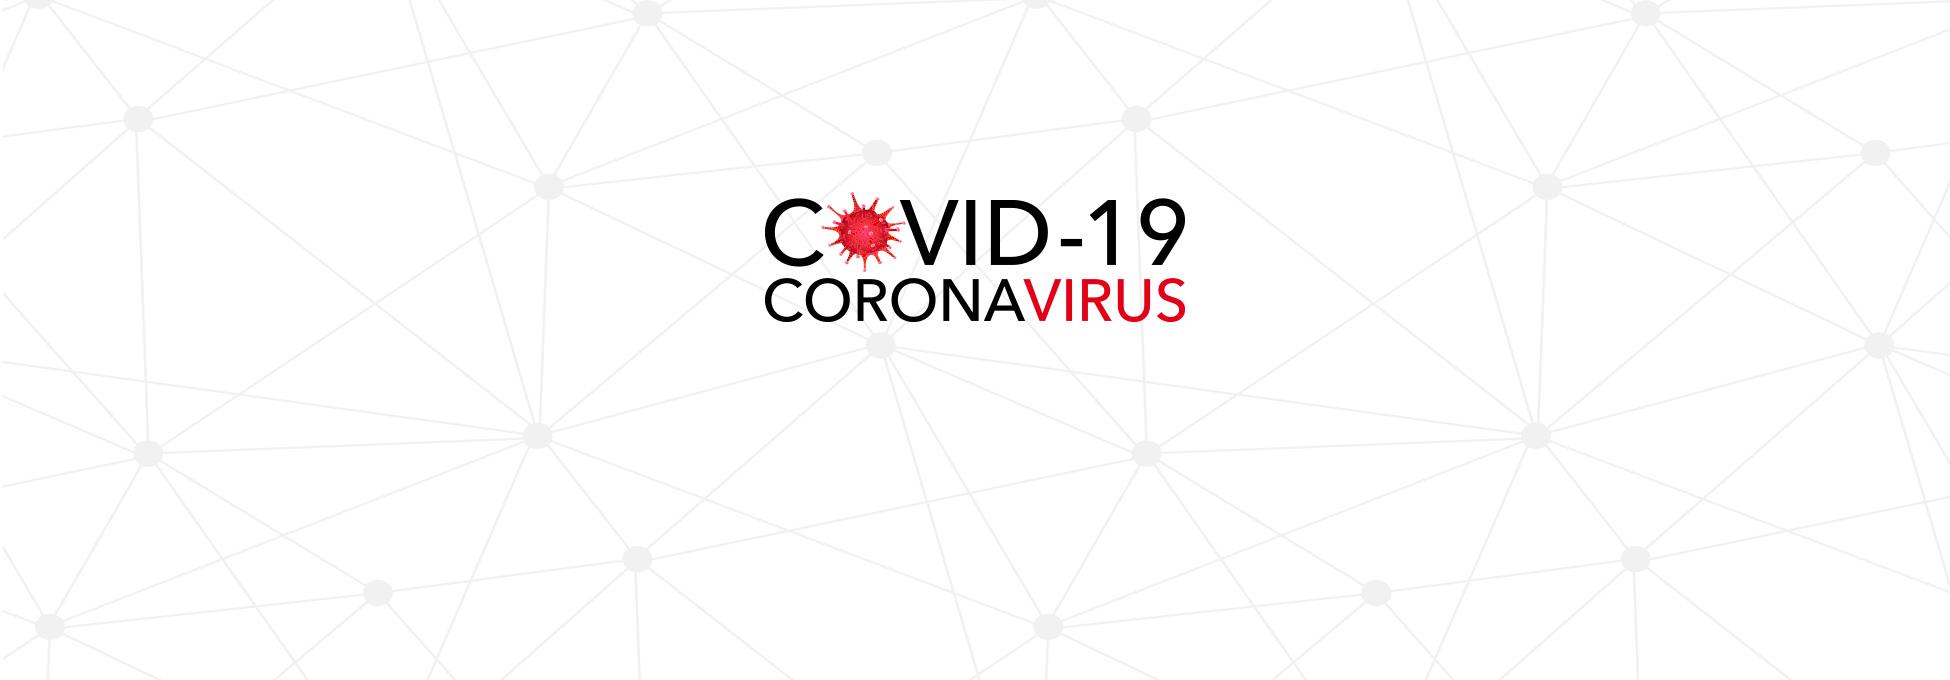 trigs-homepg-banner-coronavirus.jpg